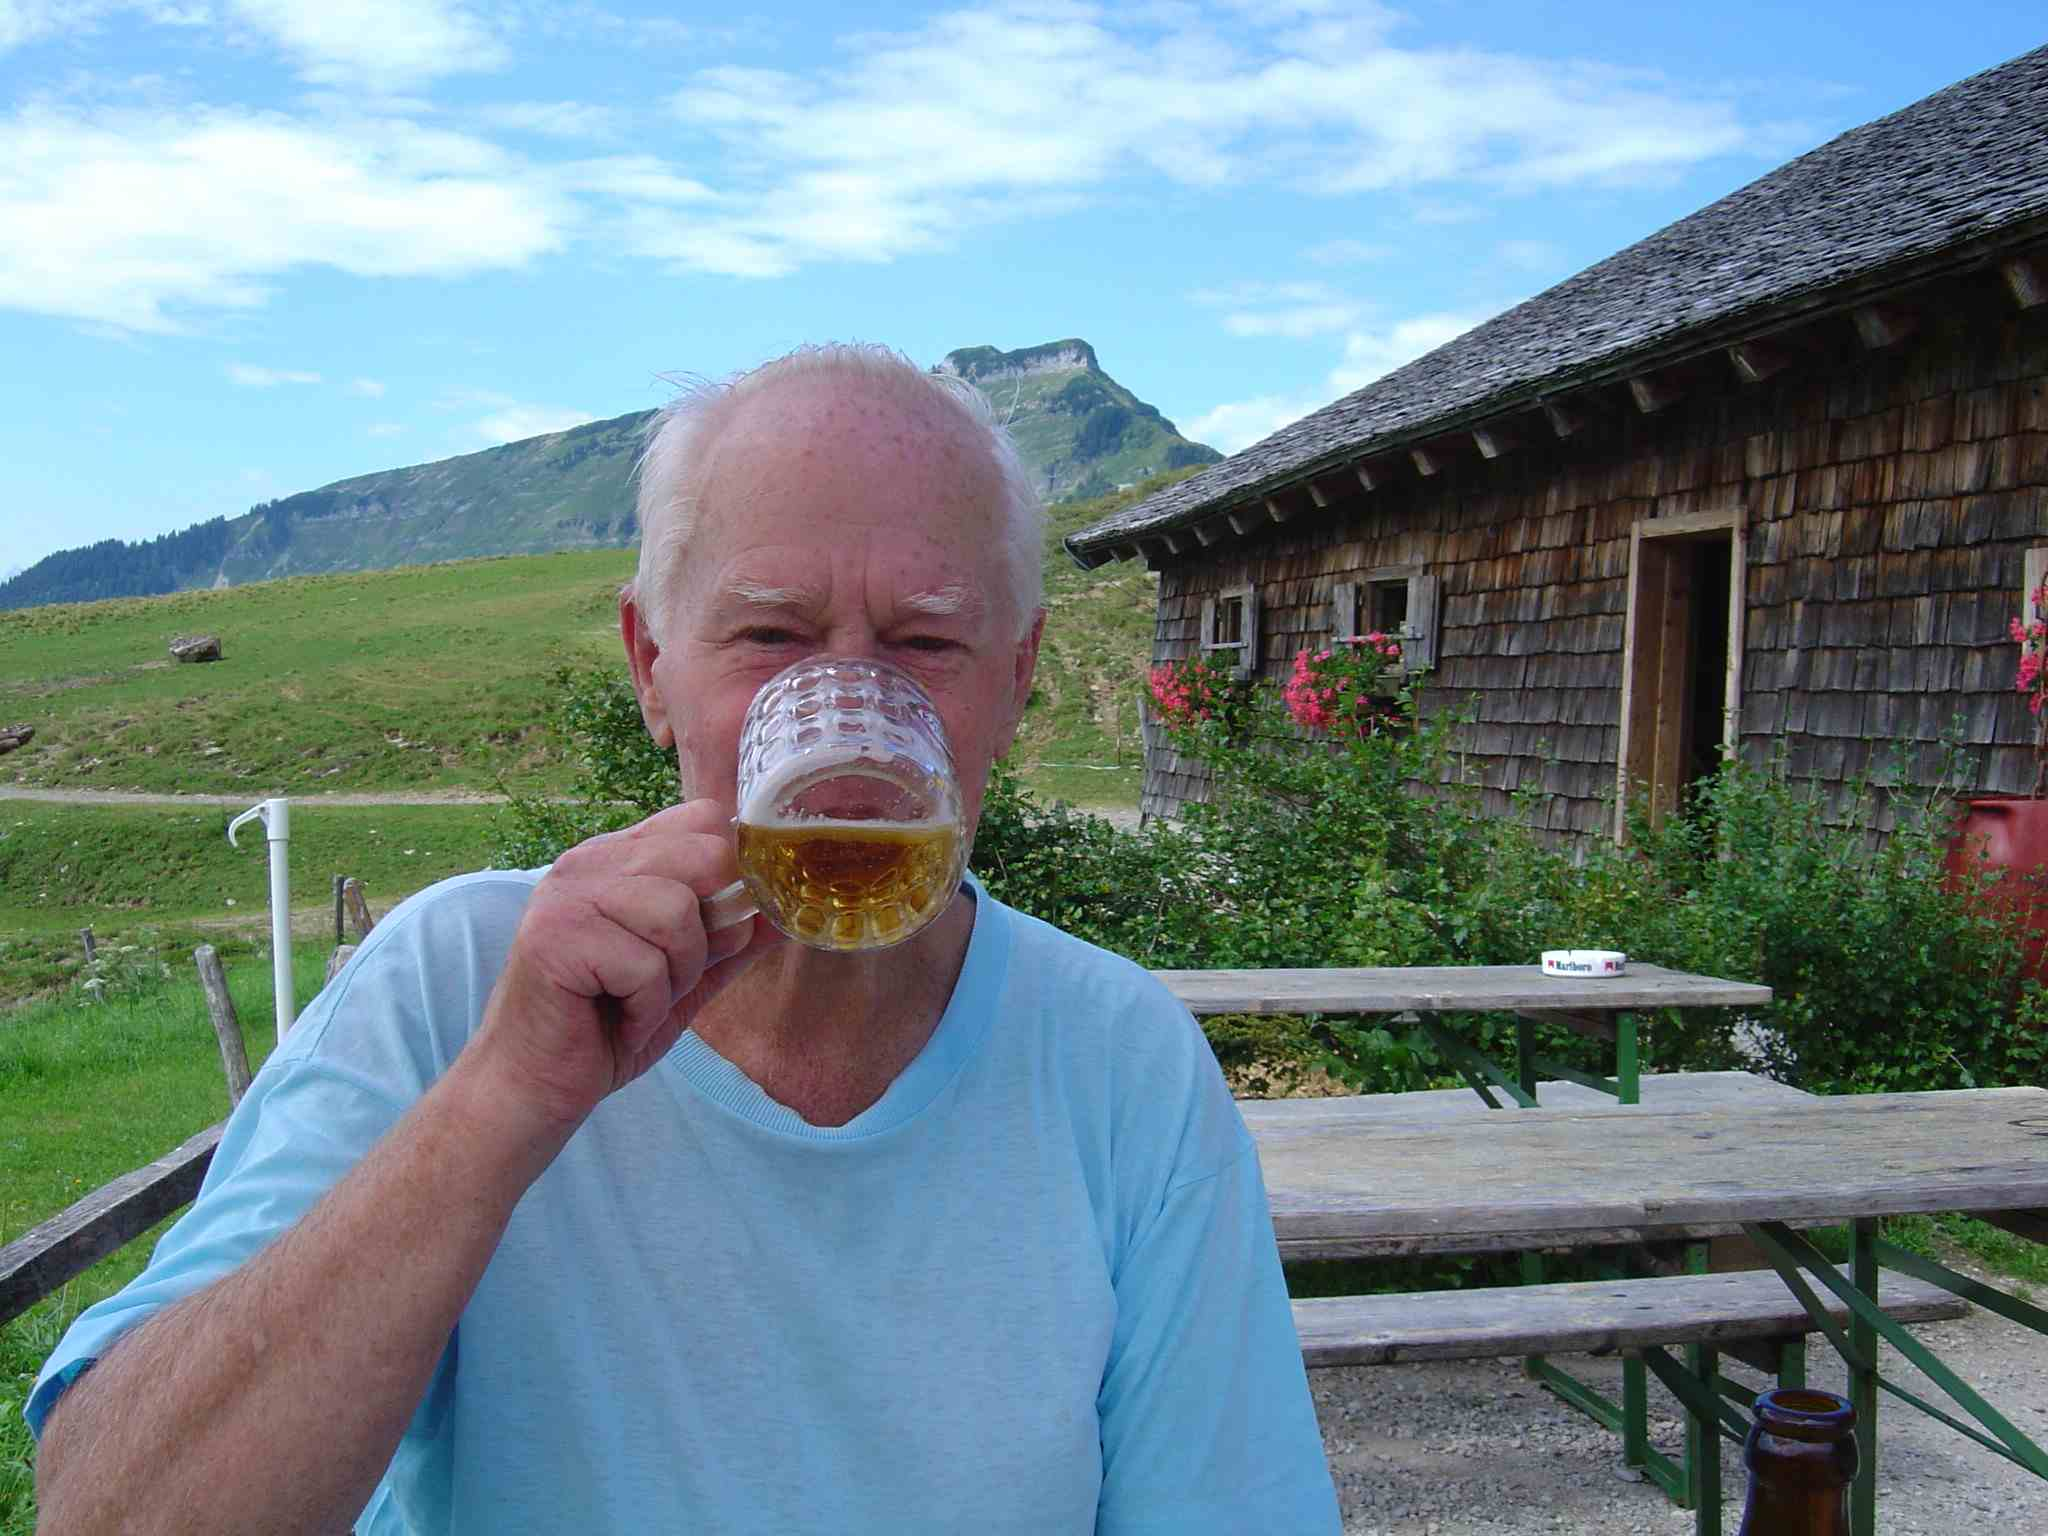 Foto: Manfred Karl / Wander Tour / Über den Nordostgrat auf den Regenspitz / Jetzt schmeckt´s! / 20.06.2007 18:23:01